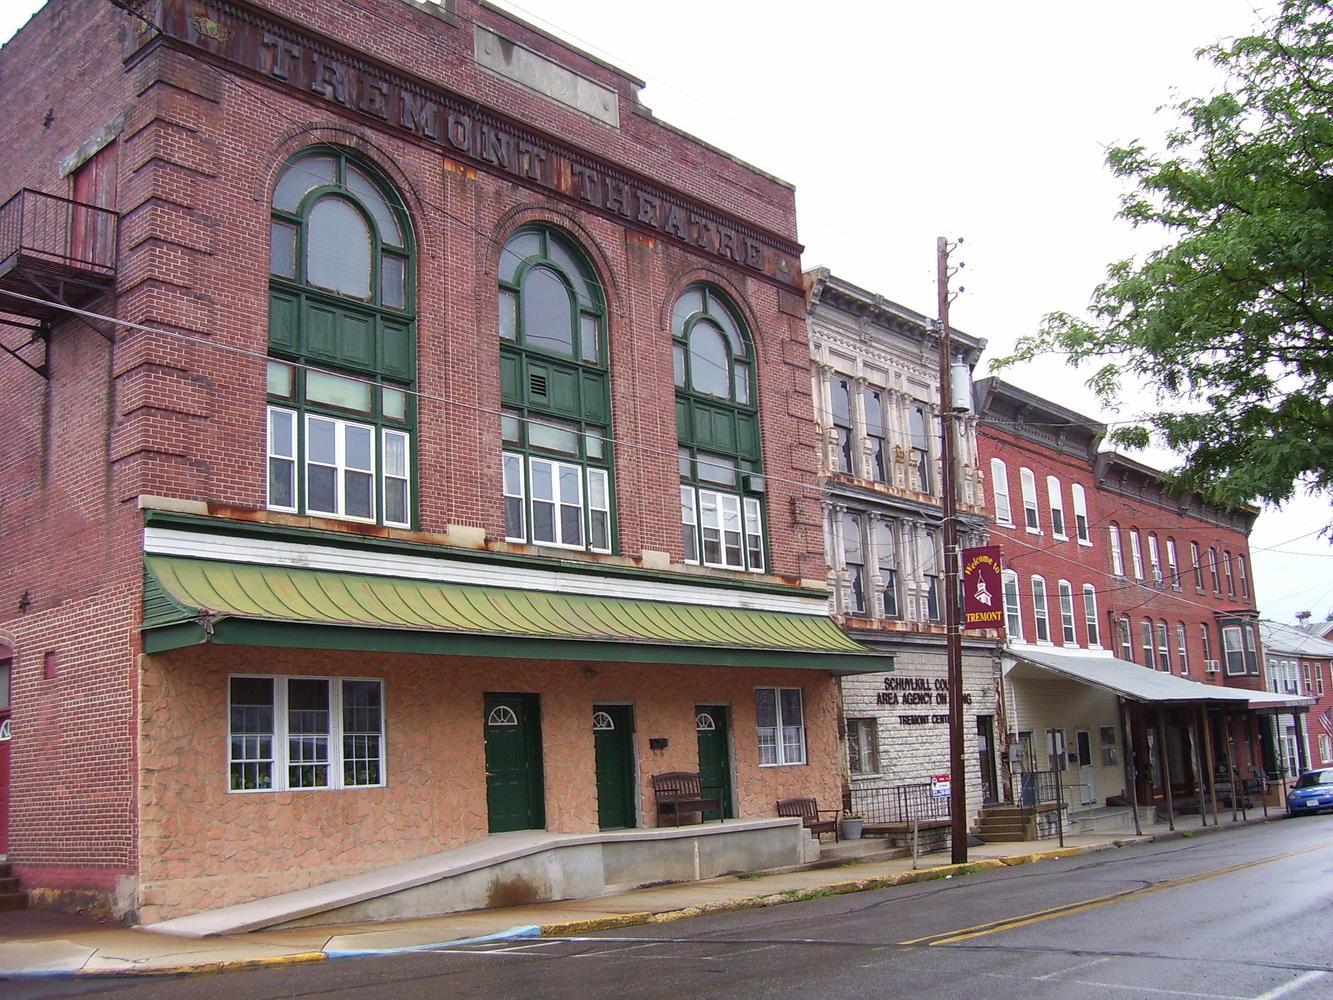 Opiniones de Dayton (Pensilvania) Adjacent Buildings